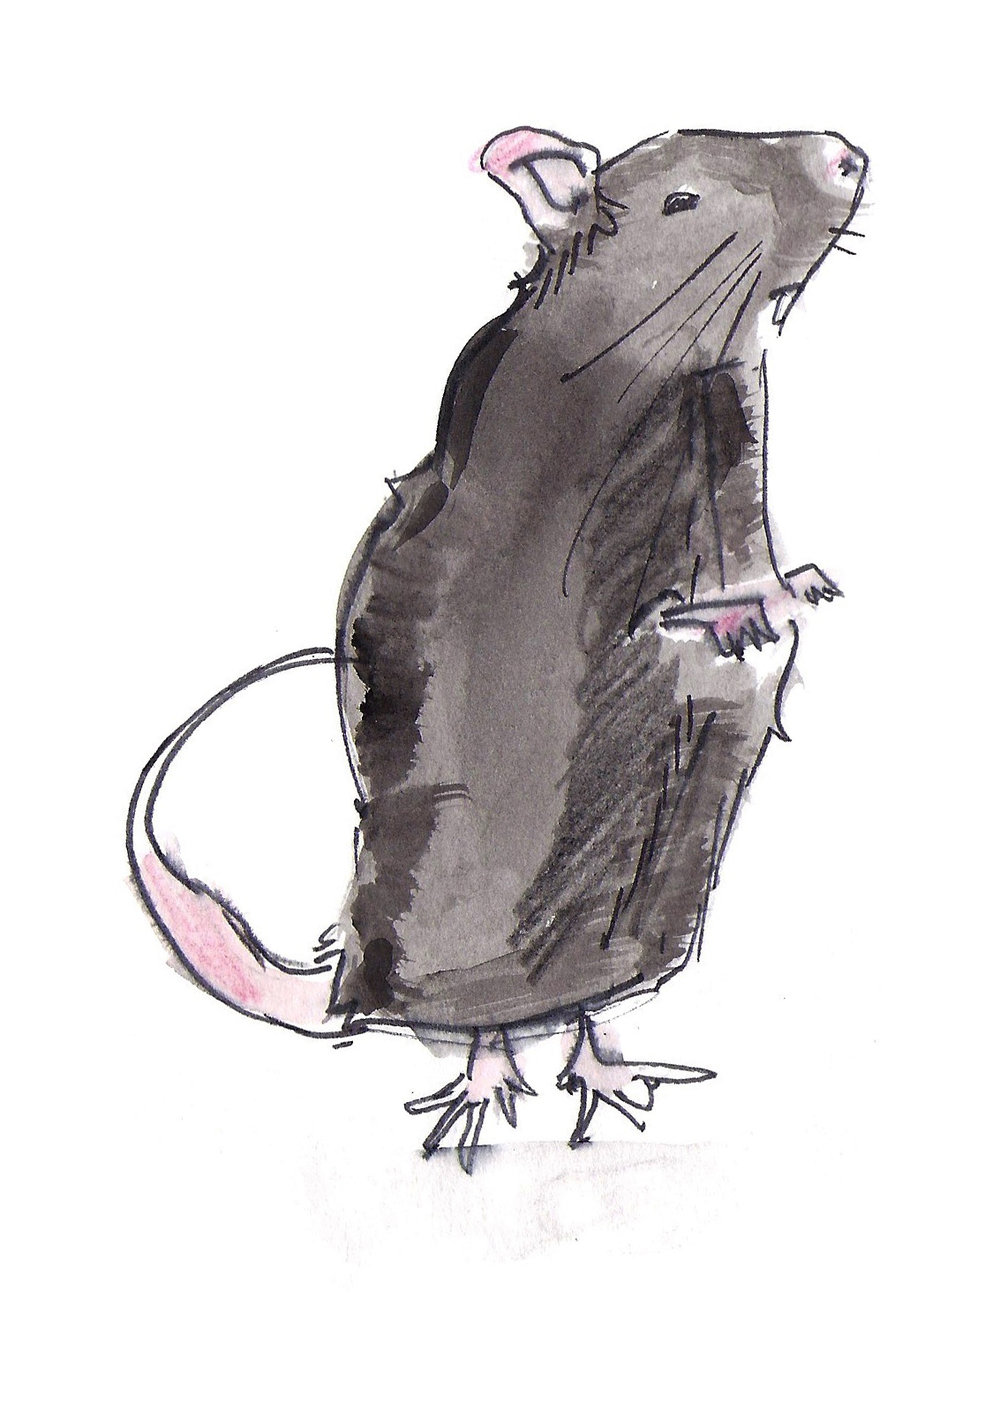 Zwarte rat